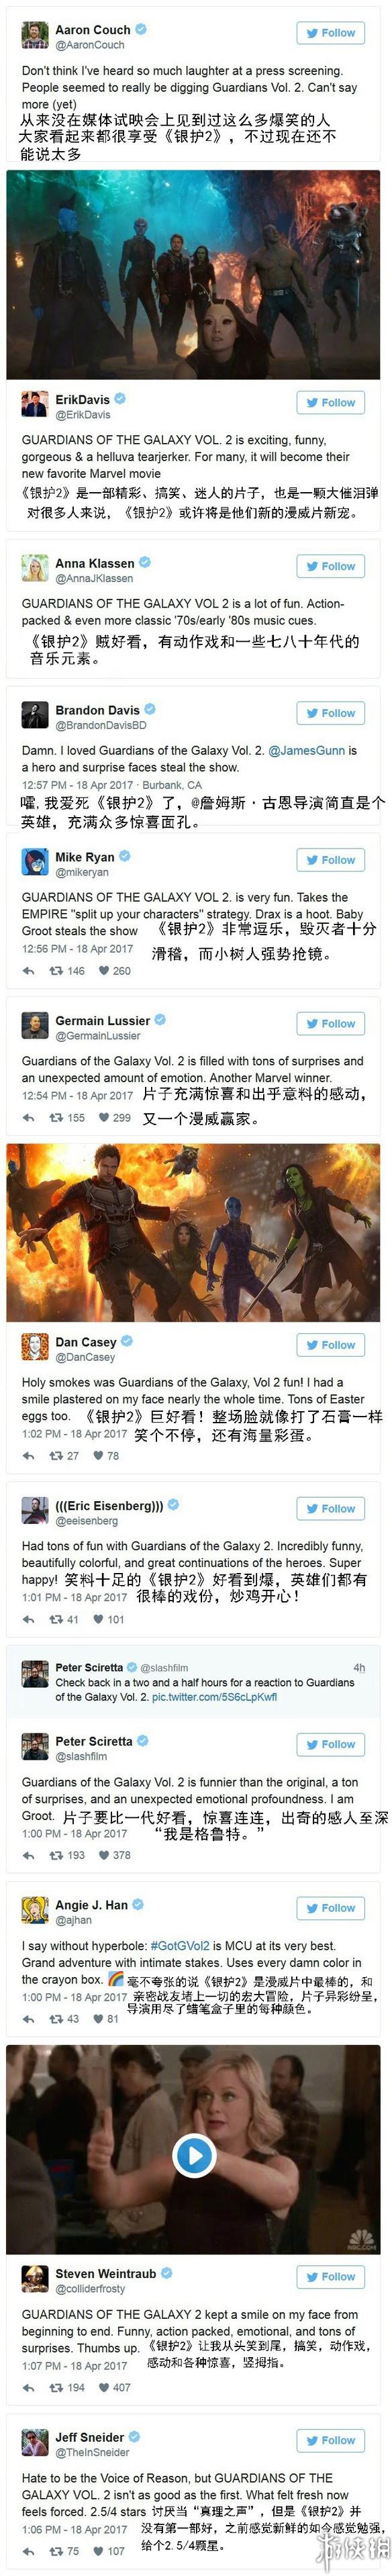 《银河护卫队2》媒体试映首批评价曝光 一致的好评